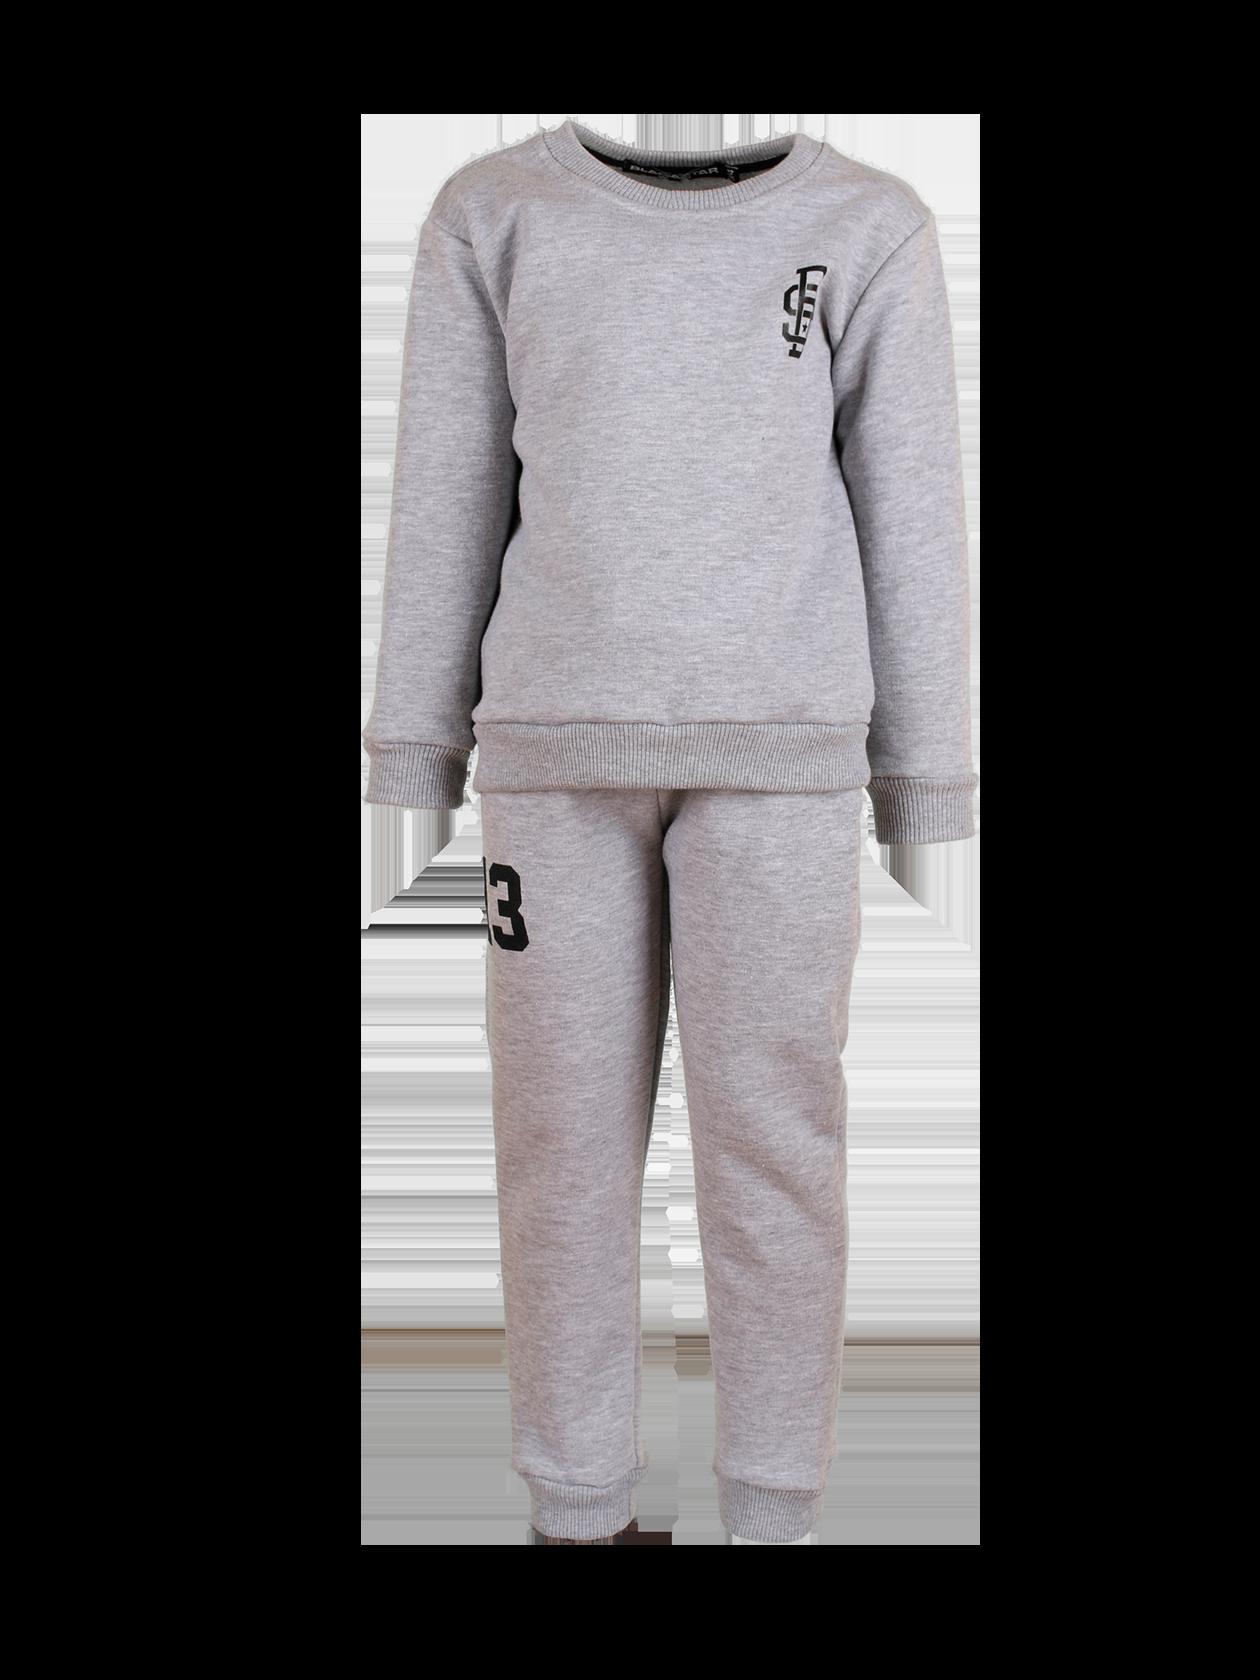 Костюм спортивный подростковый 13Стильный костюм спортивный подростковый 13 из новой линии одежды Basic – идеальное решение на каждый день. Комплект состоит из свитшота и стильных брюк. Модель лаконичного дизайна, полусвободного прямого кроя. Эластичные трикотажные вставки на манжетах и поясе верха и низа обеспечивают удобную посадку вещи по фигуре. Изделие сшито из первоклассного футера мягкой фактуры в черном цвете. На груди и правой штанине нашивки BS и цифра 13. Цена стала до 25% привлекательнее.<br><br>Размер: 12-14 years<br>Цвет: Серый меланж<br>Пол: Унисекс